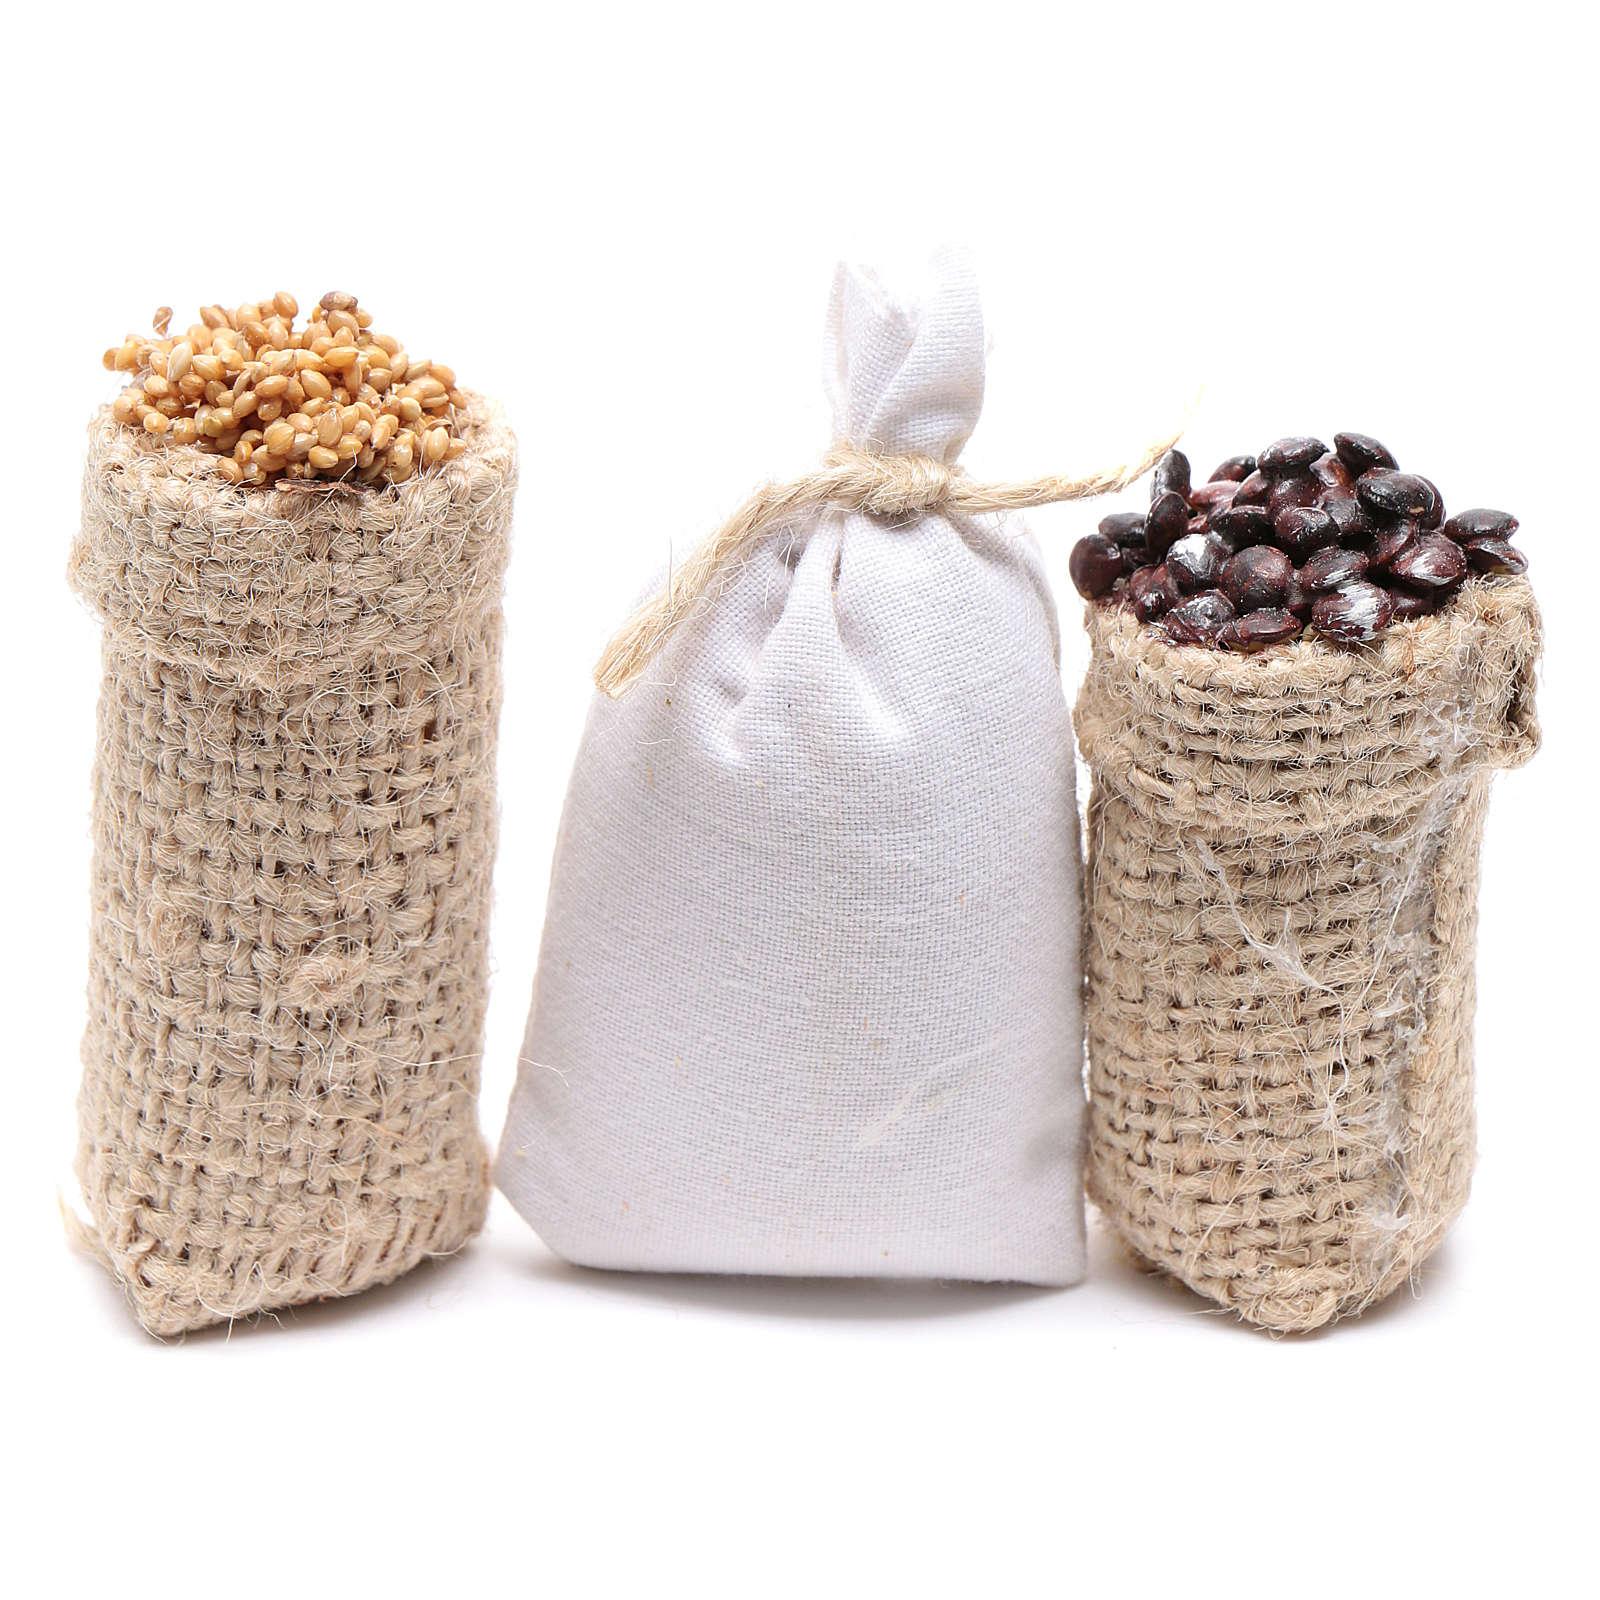 Sacchi castagne e farina 3 pz. presepe 4